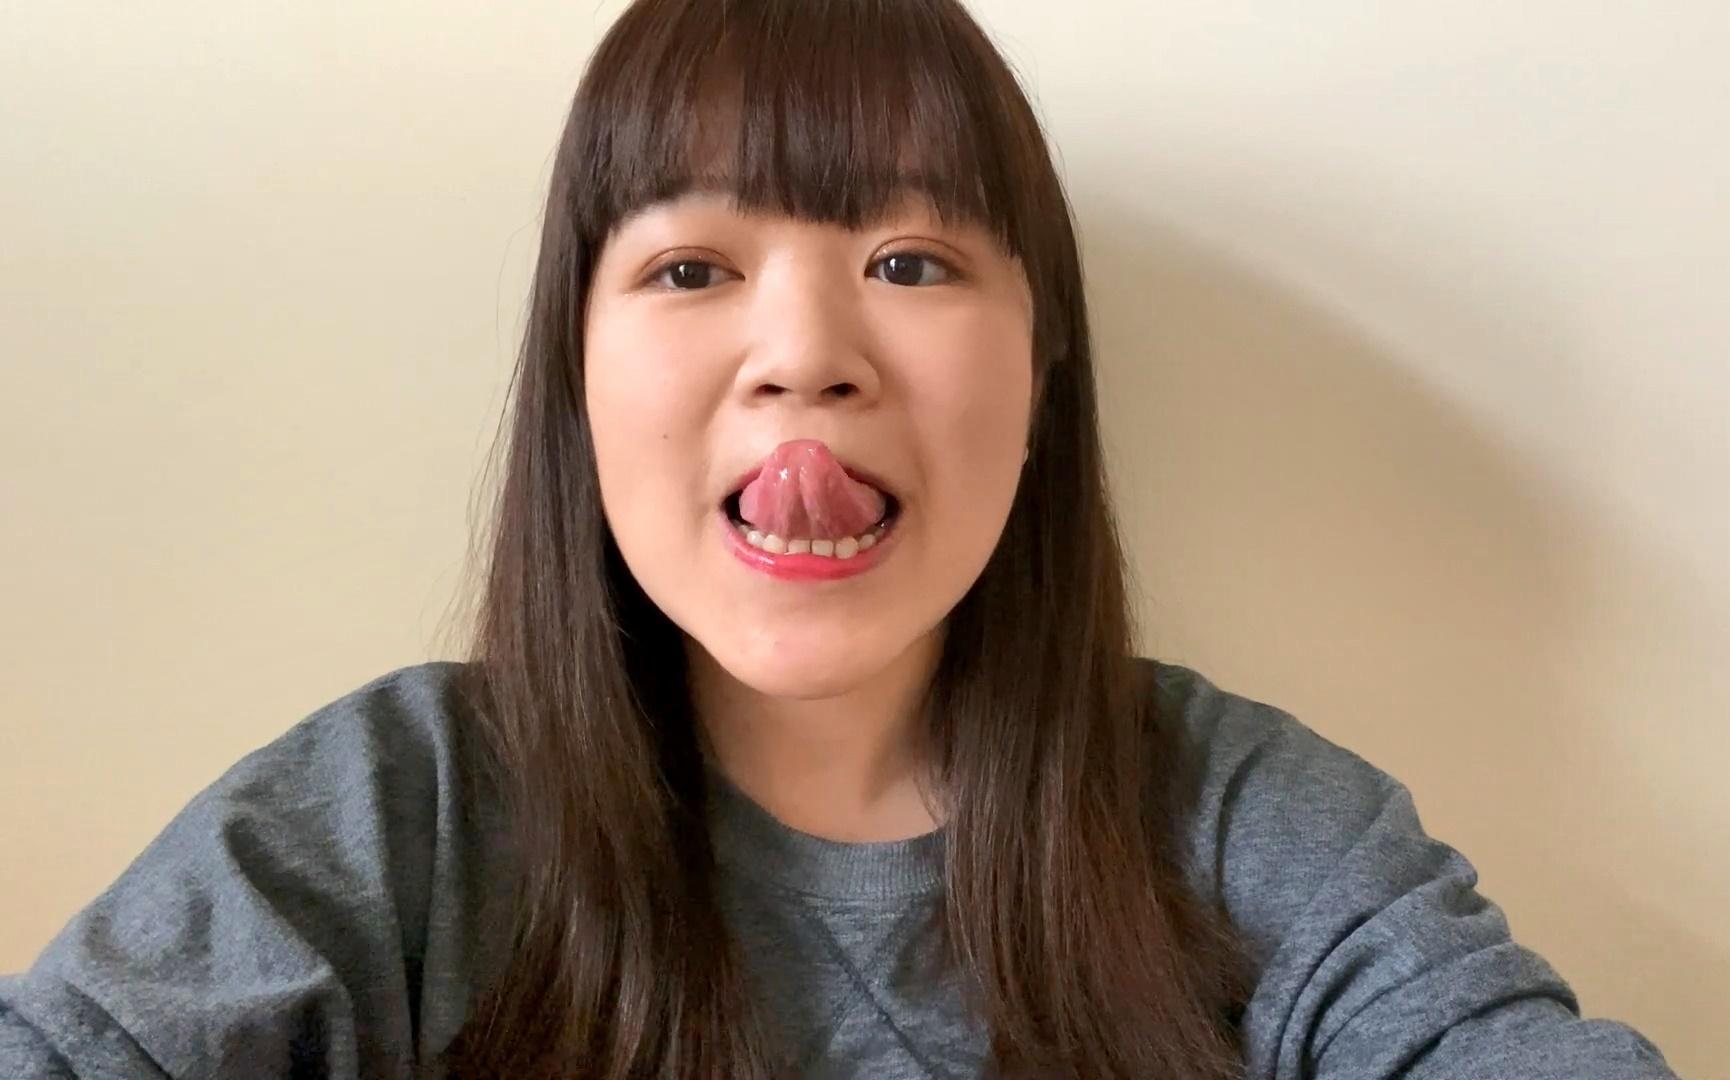 犬山みんみんの舌出し動画 (2)